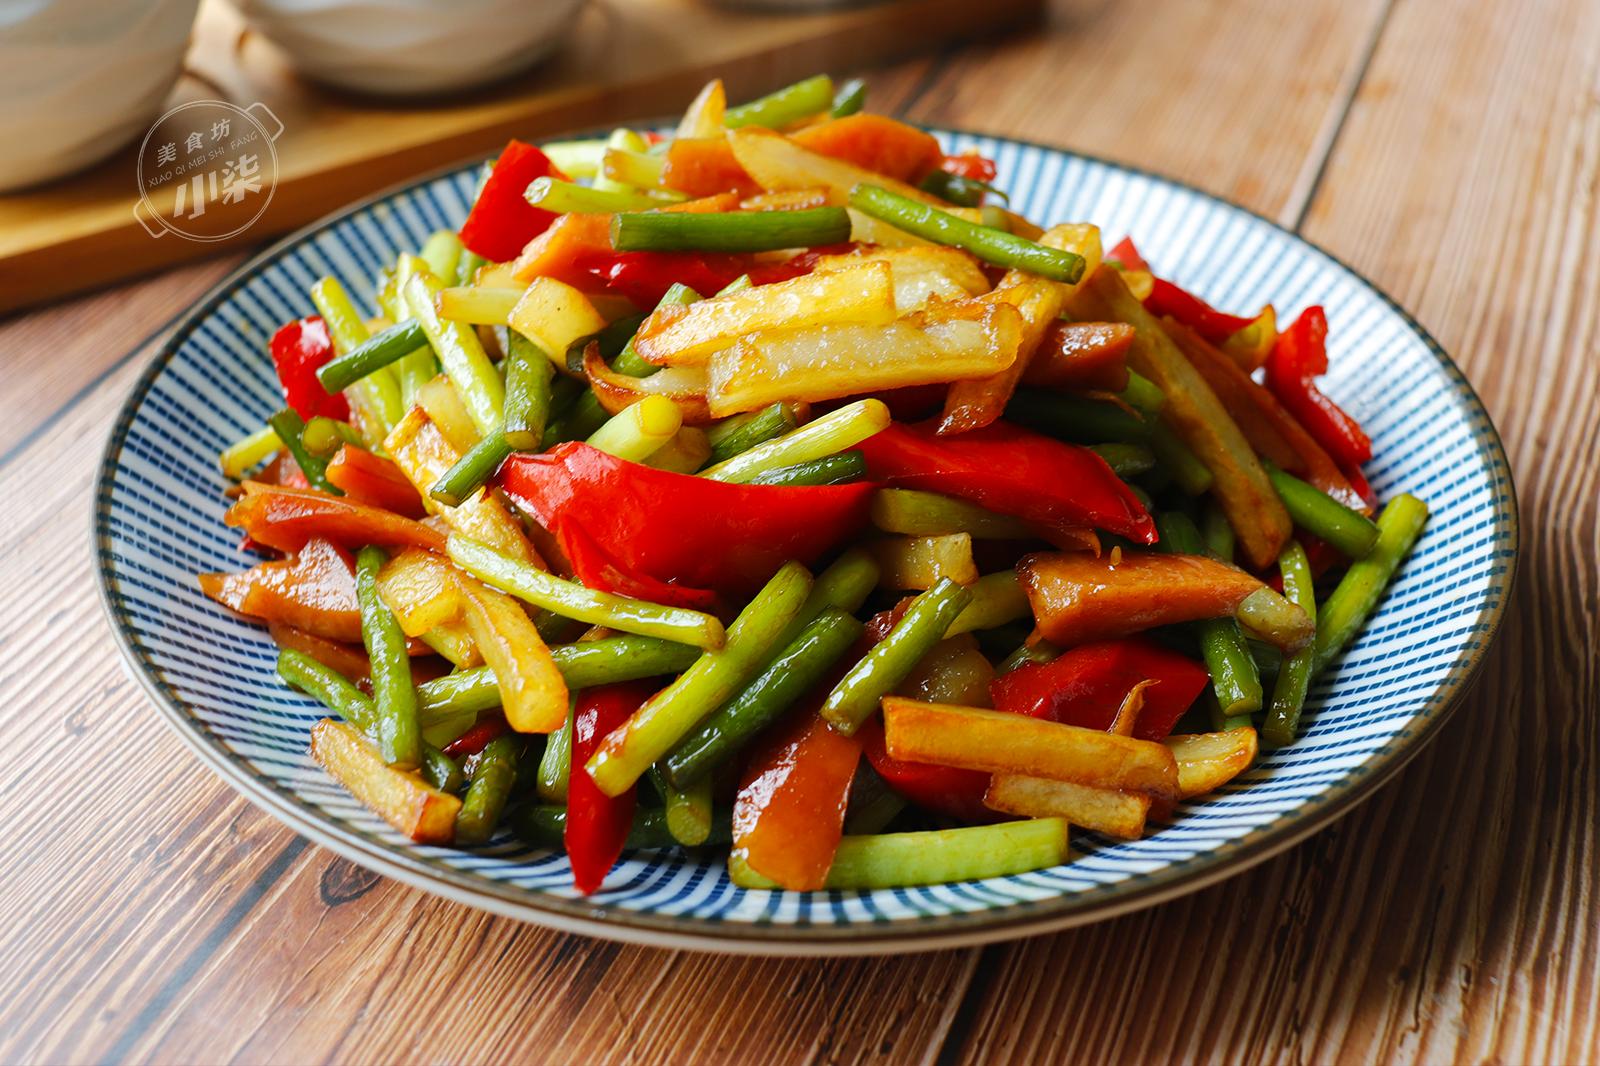 【清炒春菜】做法步骤图 几分钟出锅 上桌瞬间被扫光